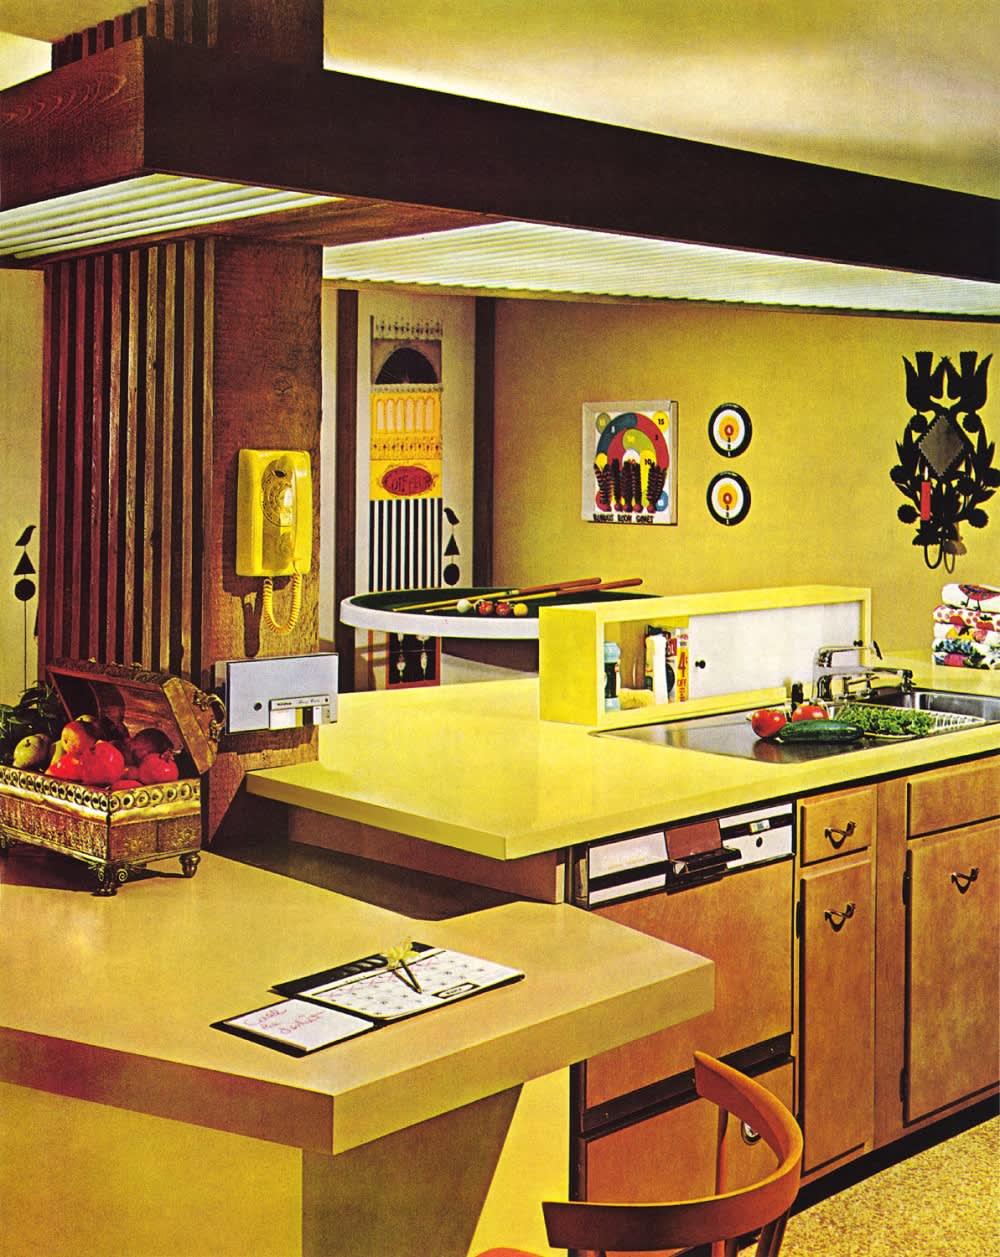 Home Interior Kitchen: A Brief History Of 1970s Kitchen Design